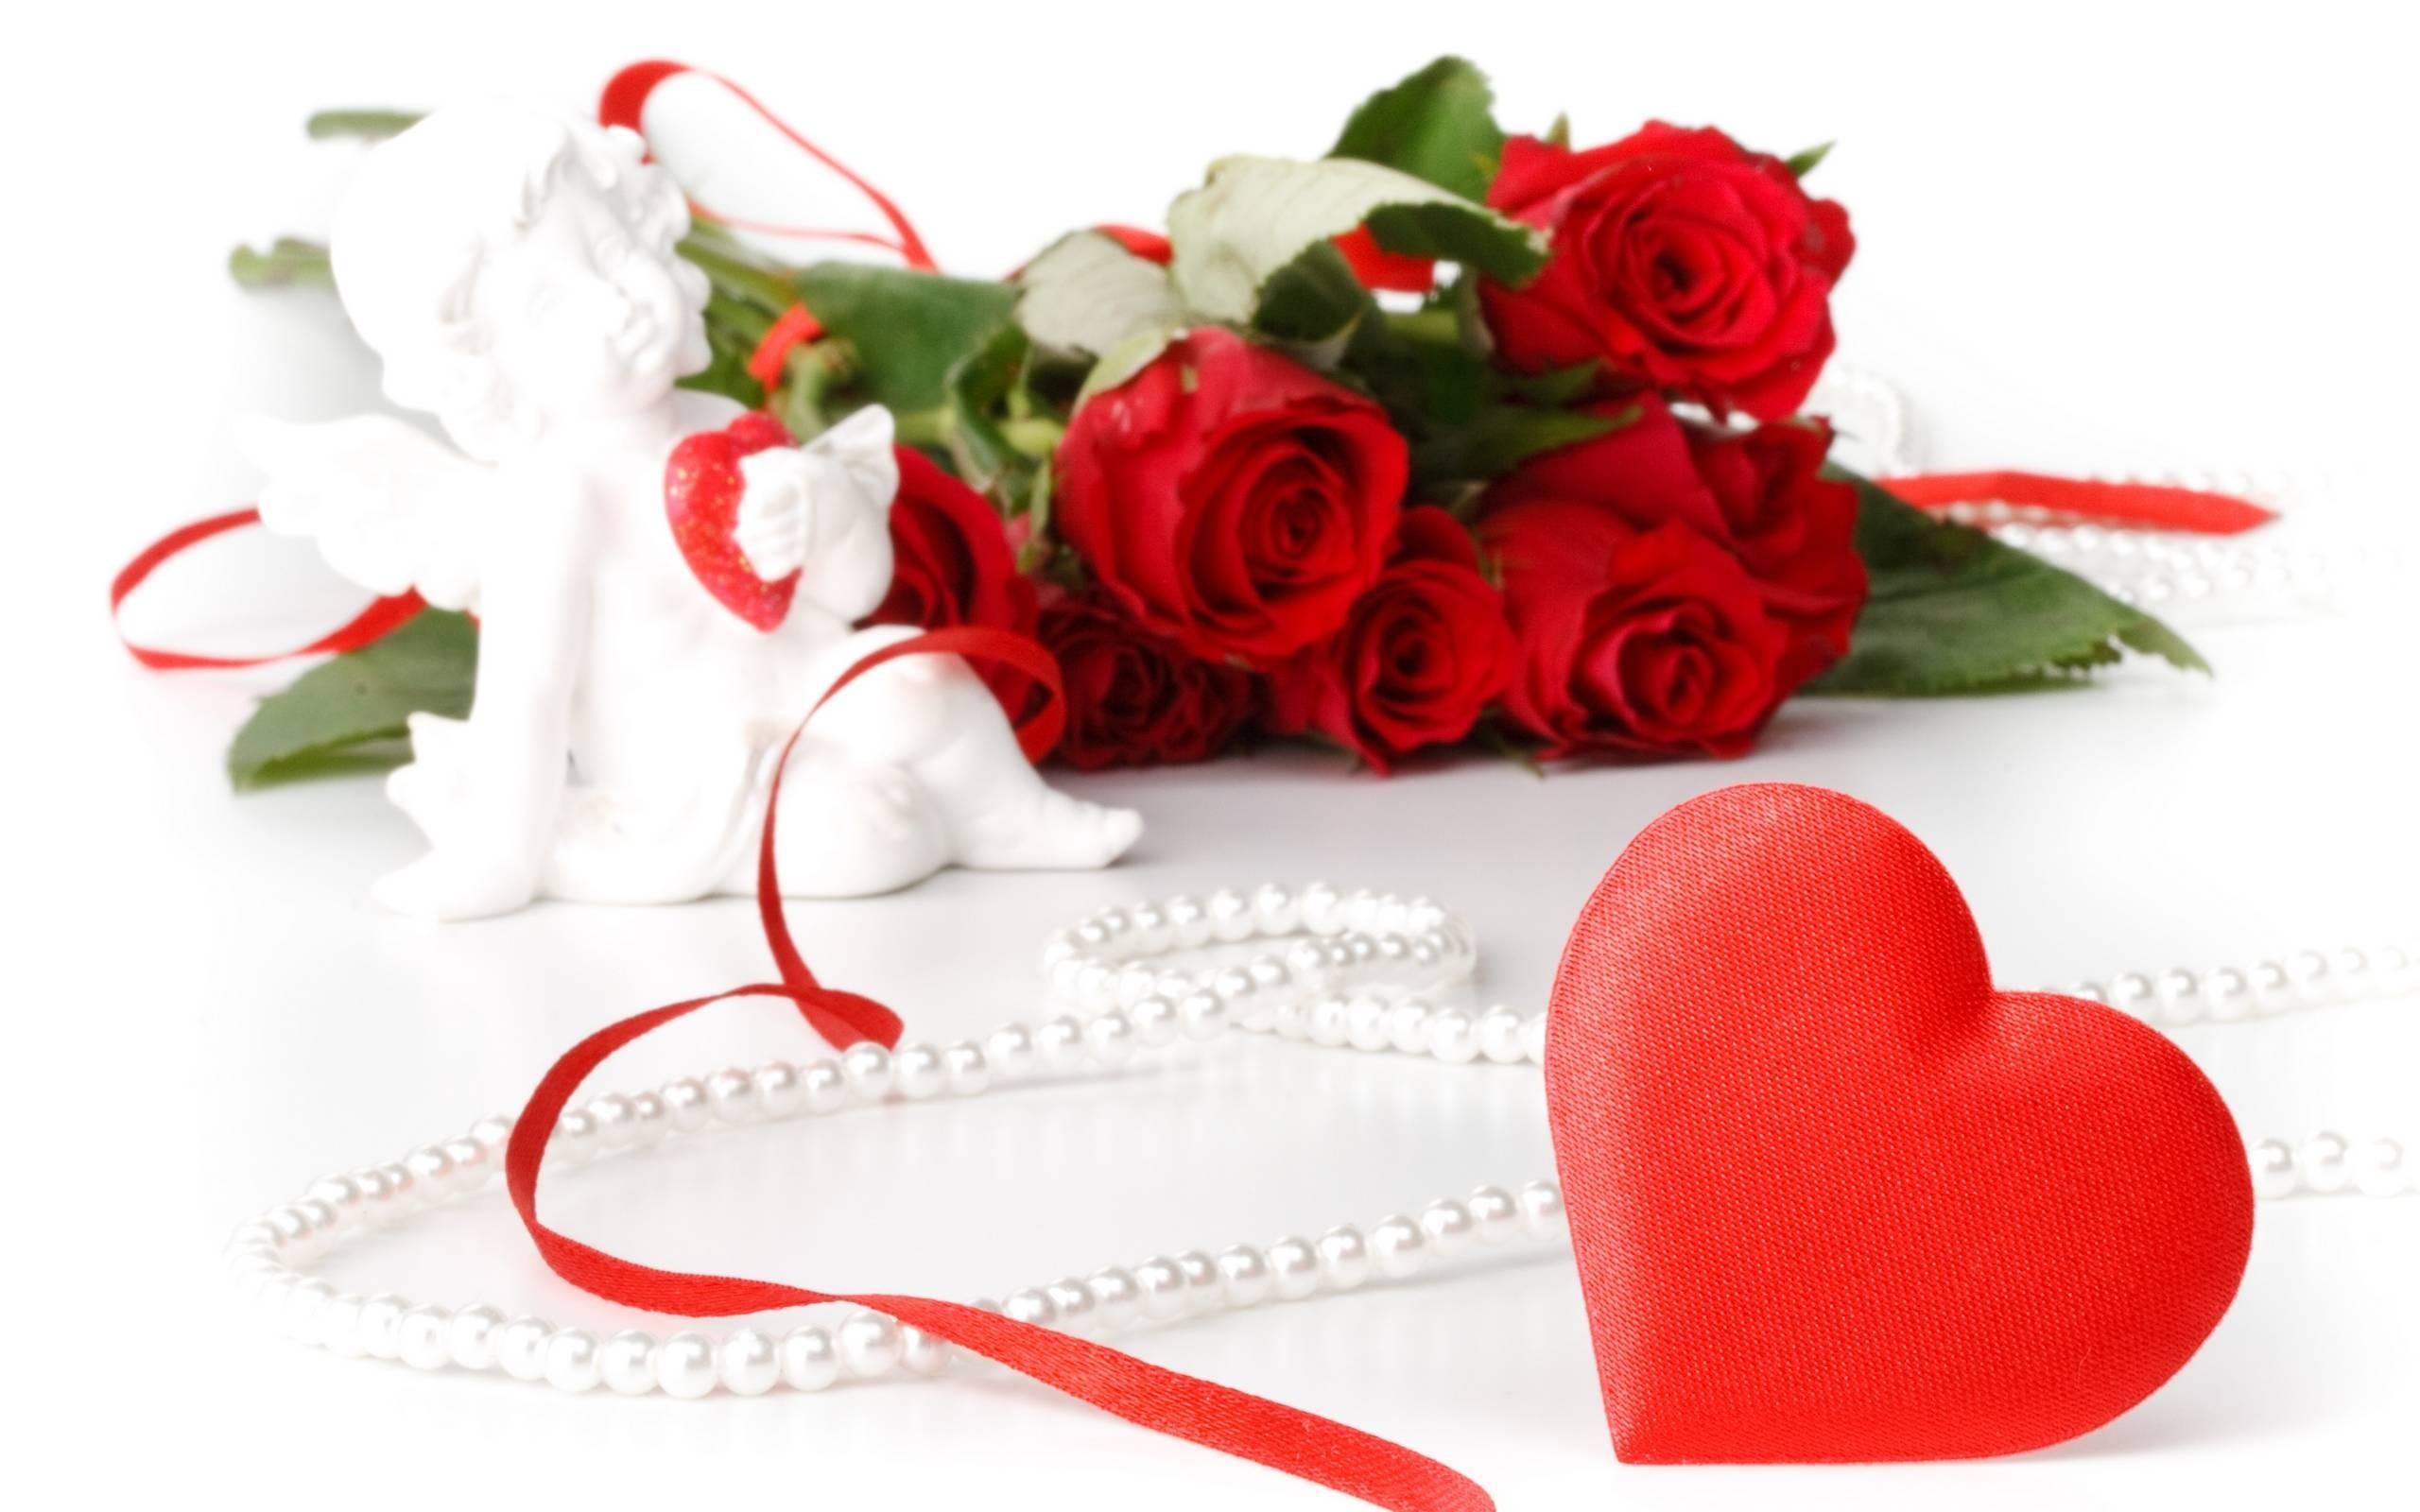 Must see Wallpaper Love Flower - 818878-cool-love-flowers-wallpapers-2560x1600-full-hd  Snapshot_18762.jpg